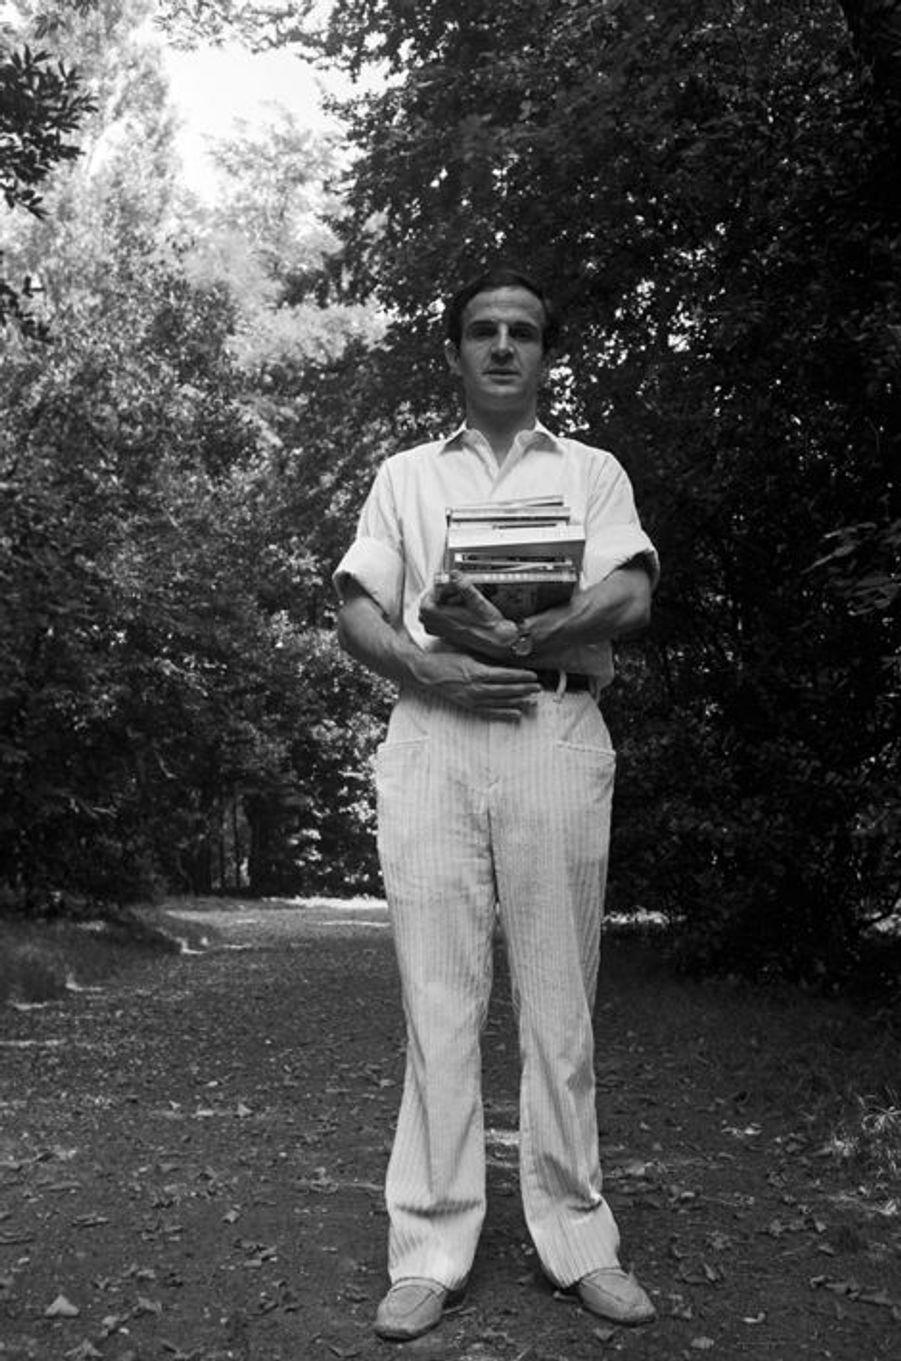 """En Italie, dans le cadre de la 27e édition du festival """"la Mostra de Venise"""" qui s'est déroulée du 28 août au 10 septembre 1966, le réalisateur François TRUFFAUT venu à la Mostra de Venise 1966 pour présenter son film """"Fahrenheit 451"""", posant debout dans un parc avec un pile de livres dans les bras."""